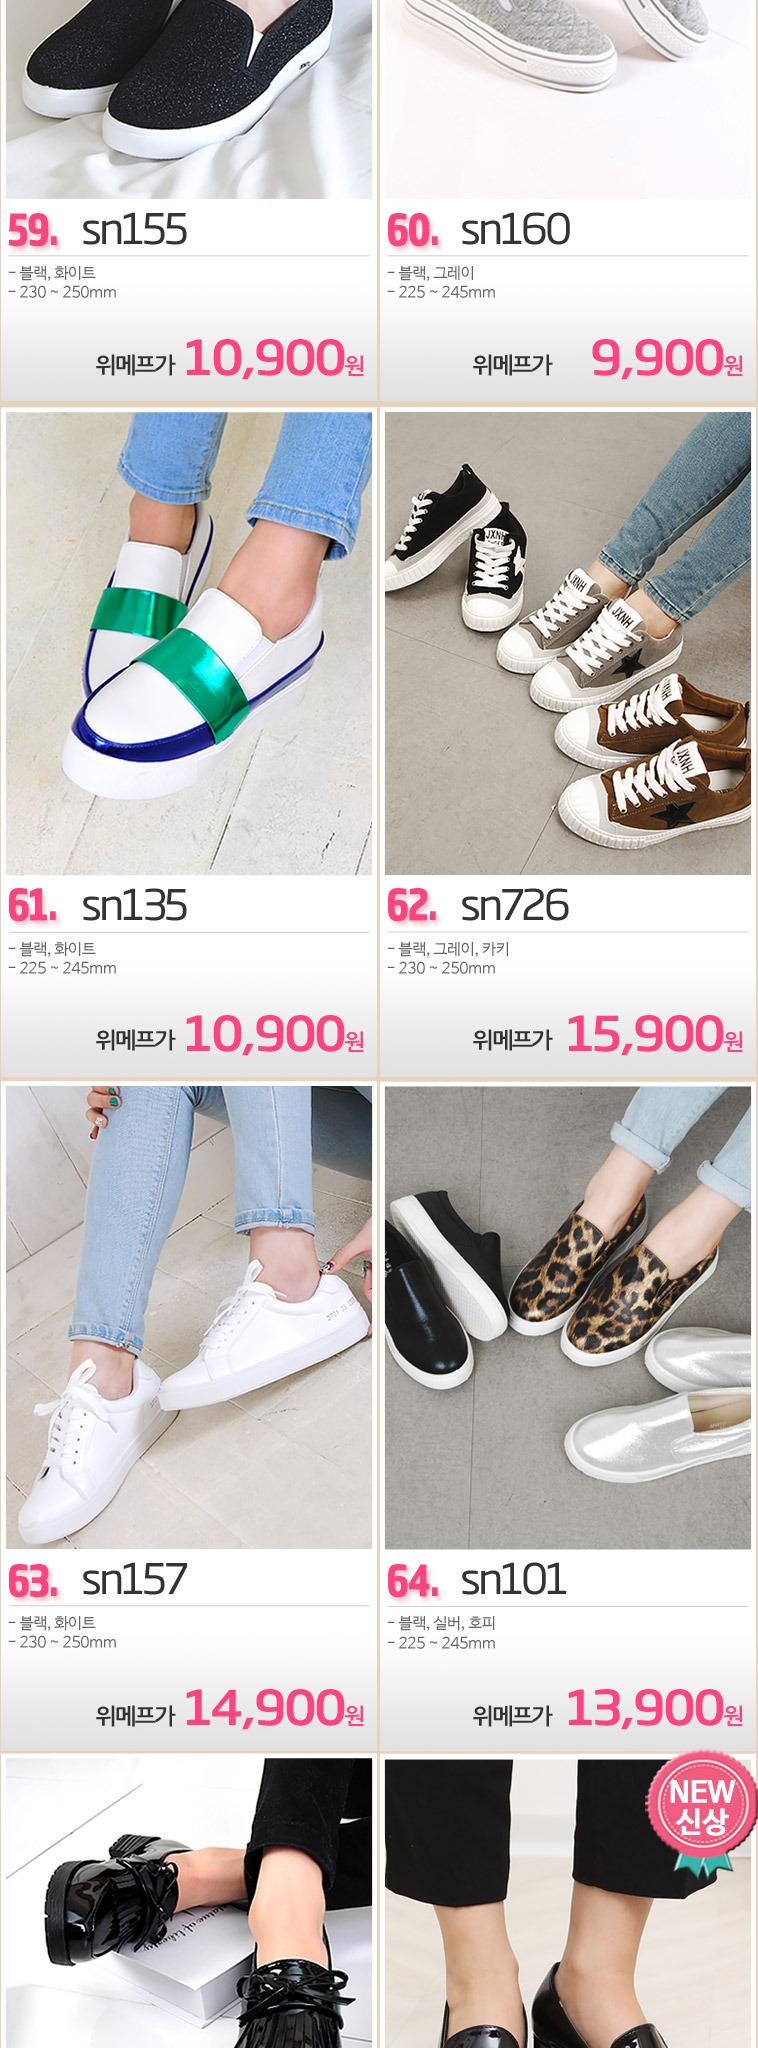 2f85470fc034a snl22 leather flip flop shoes for cheap 4747d 8868c - moj-dnevnik.com